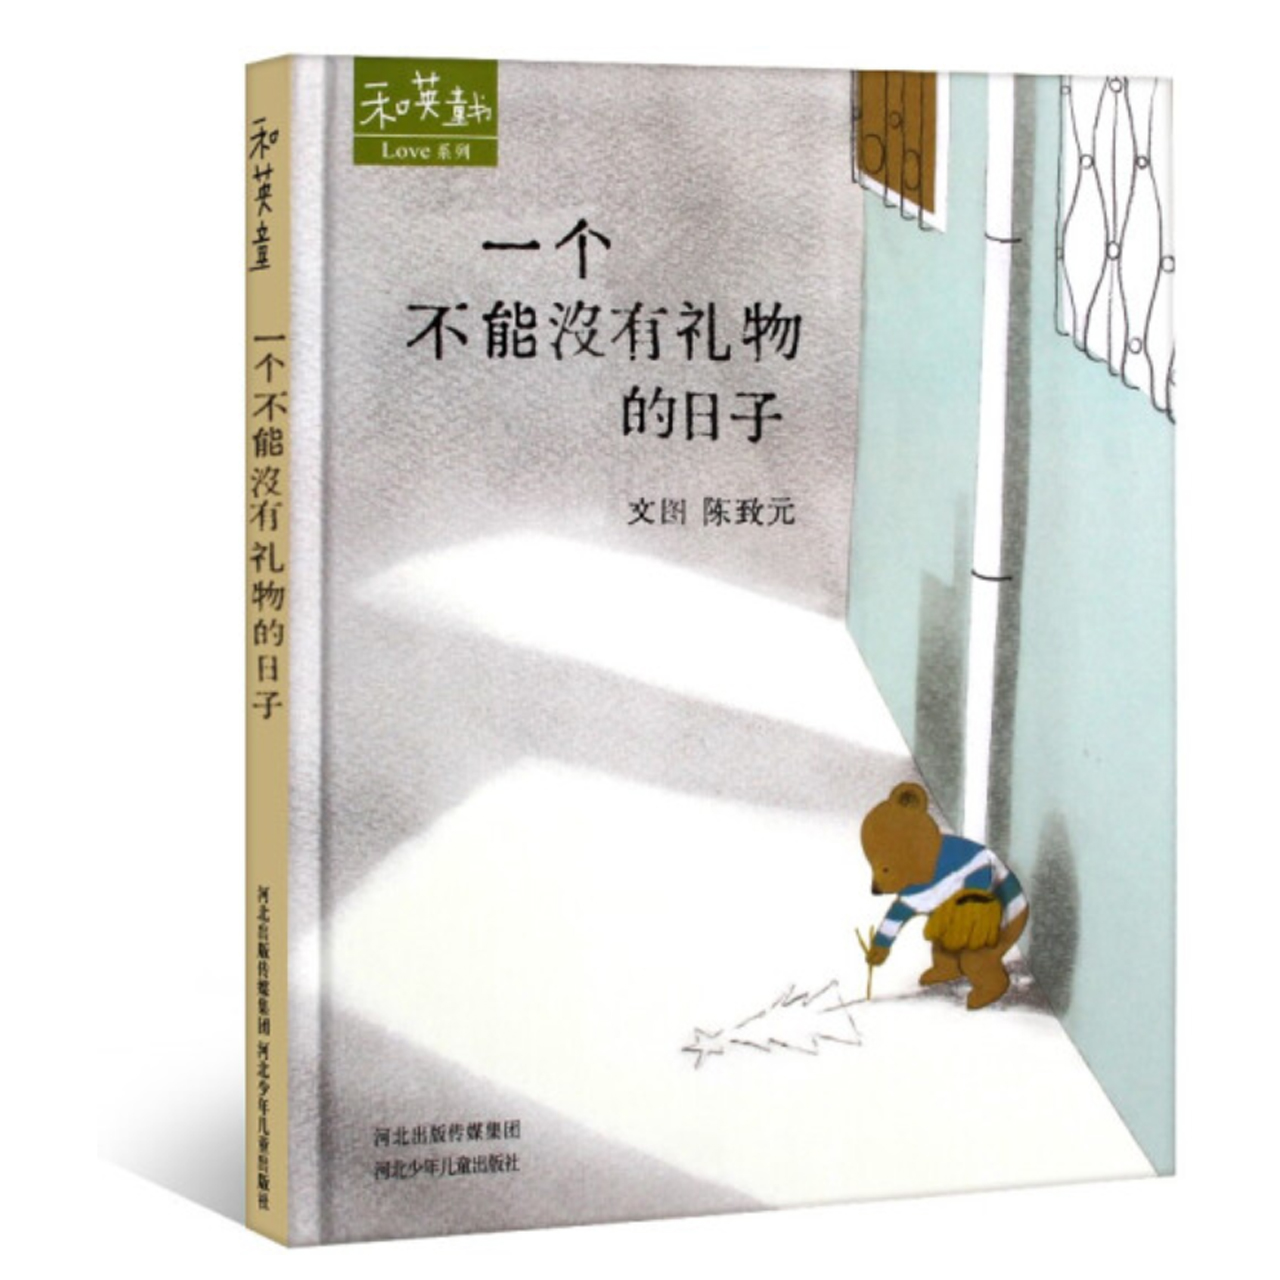 一个不能没有礼物的日子【儿童绘本/简体绘本/有趣故事】